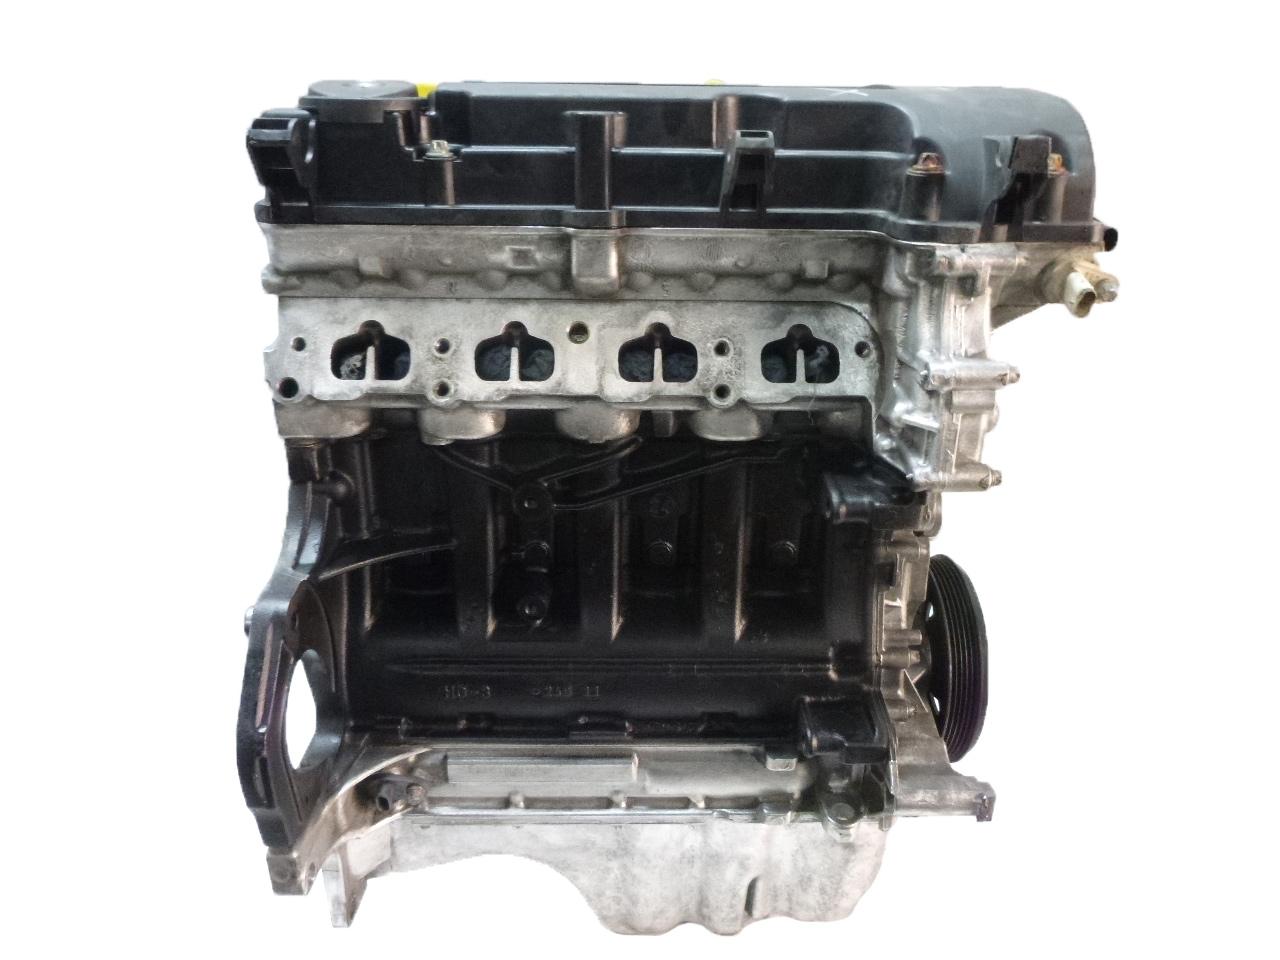 Motor Opel Chevrolet Corsa D Aveo 1,2 Benzin A12XER A12 DE313913